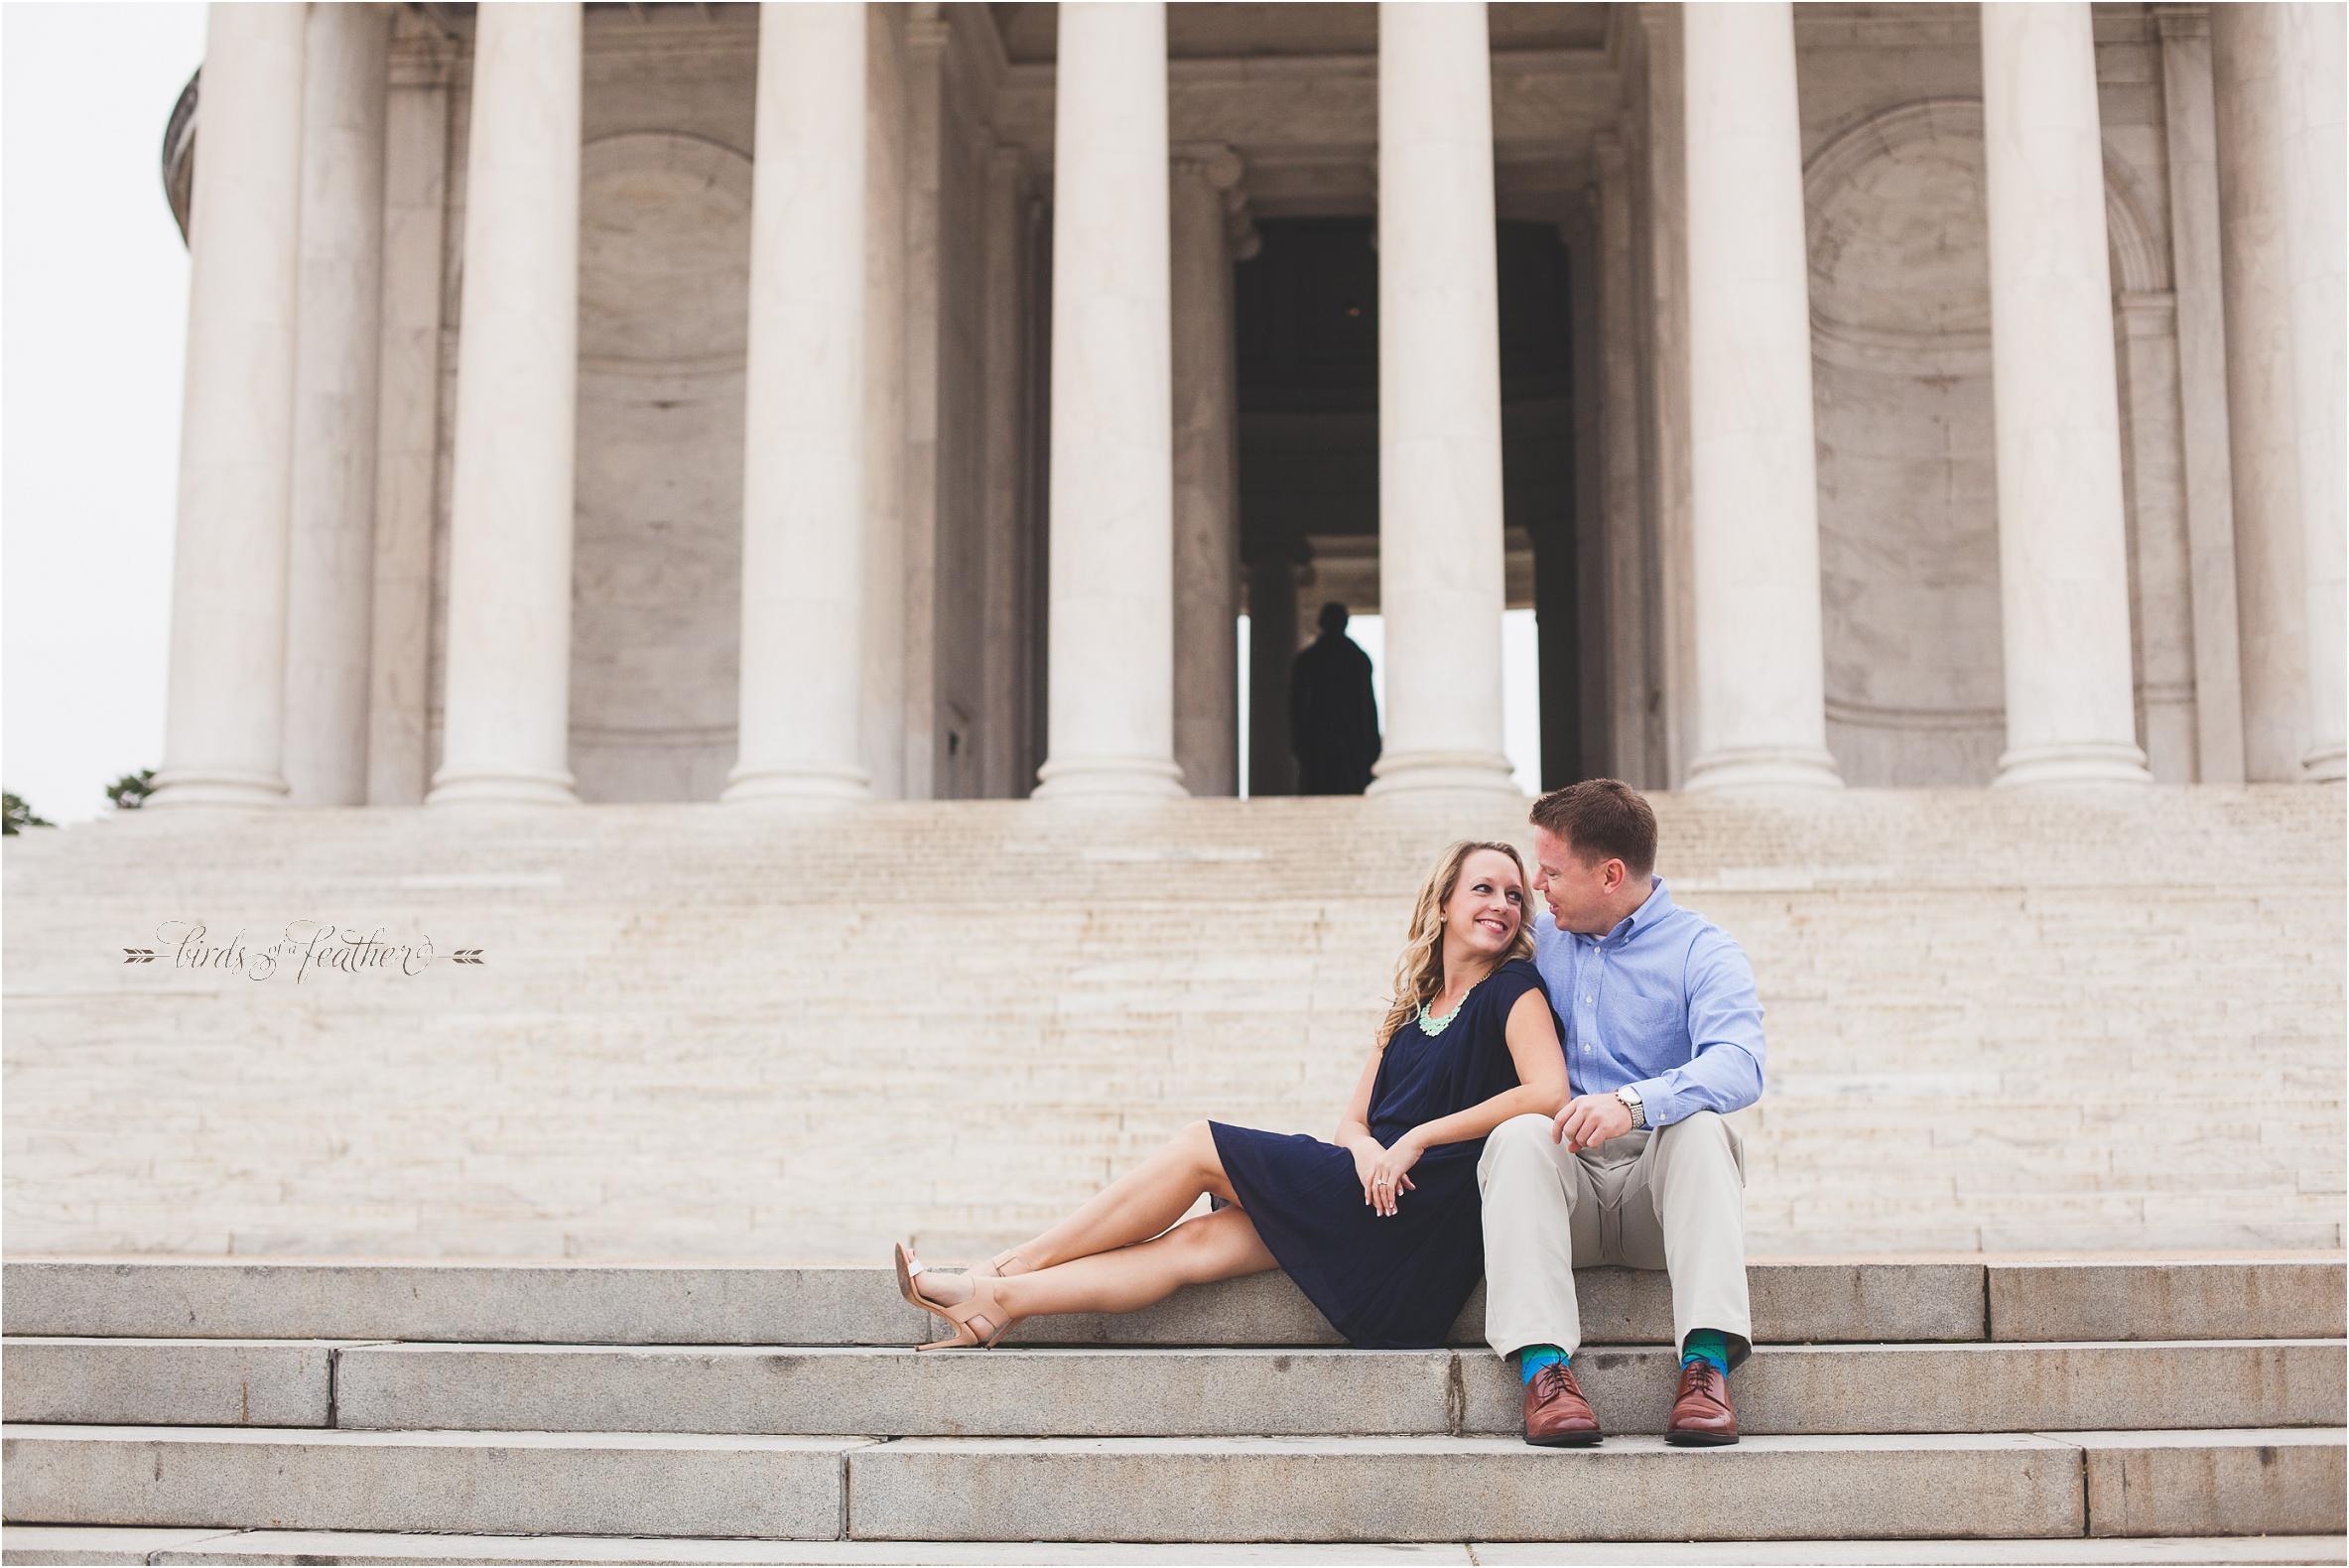 D.C. Engagement Session